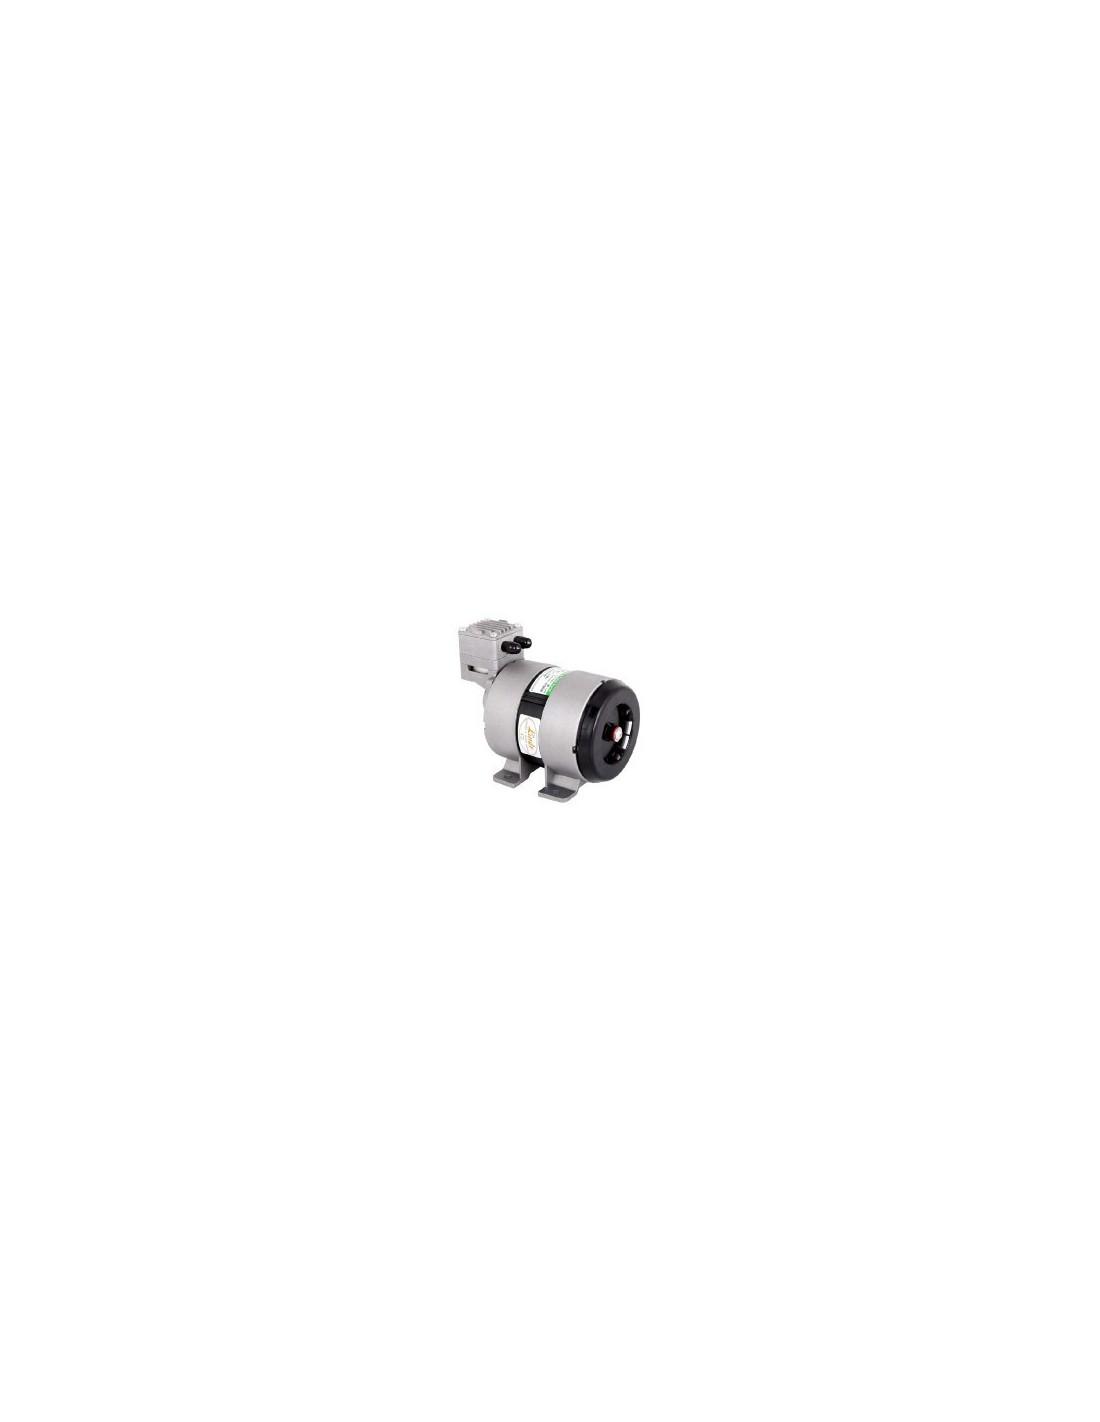 VKM01577 - Tillbehör och reservdelar luftkylt - Kompressor 30 RAS